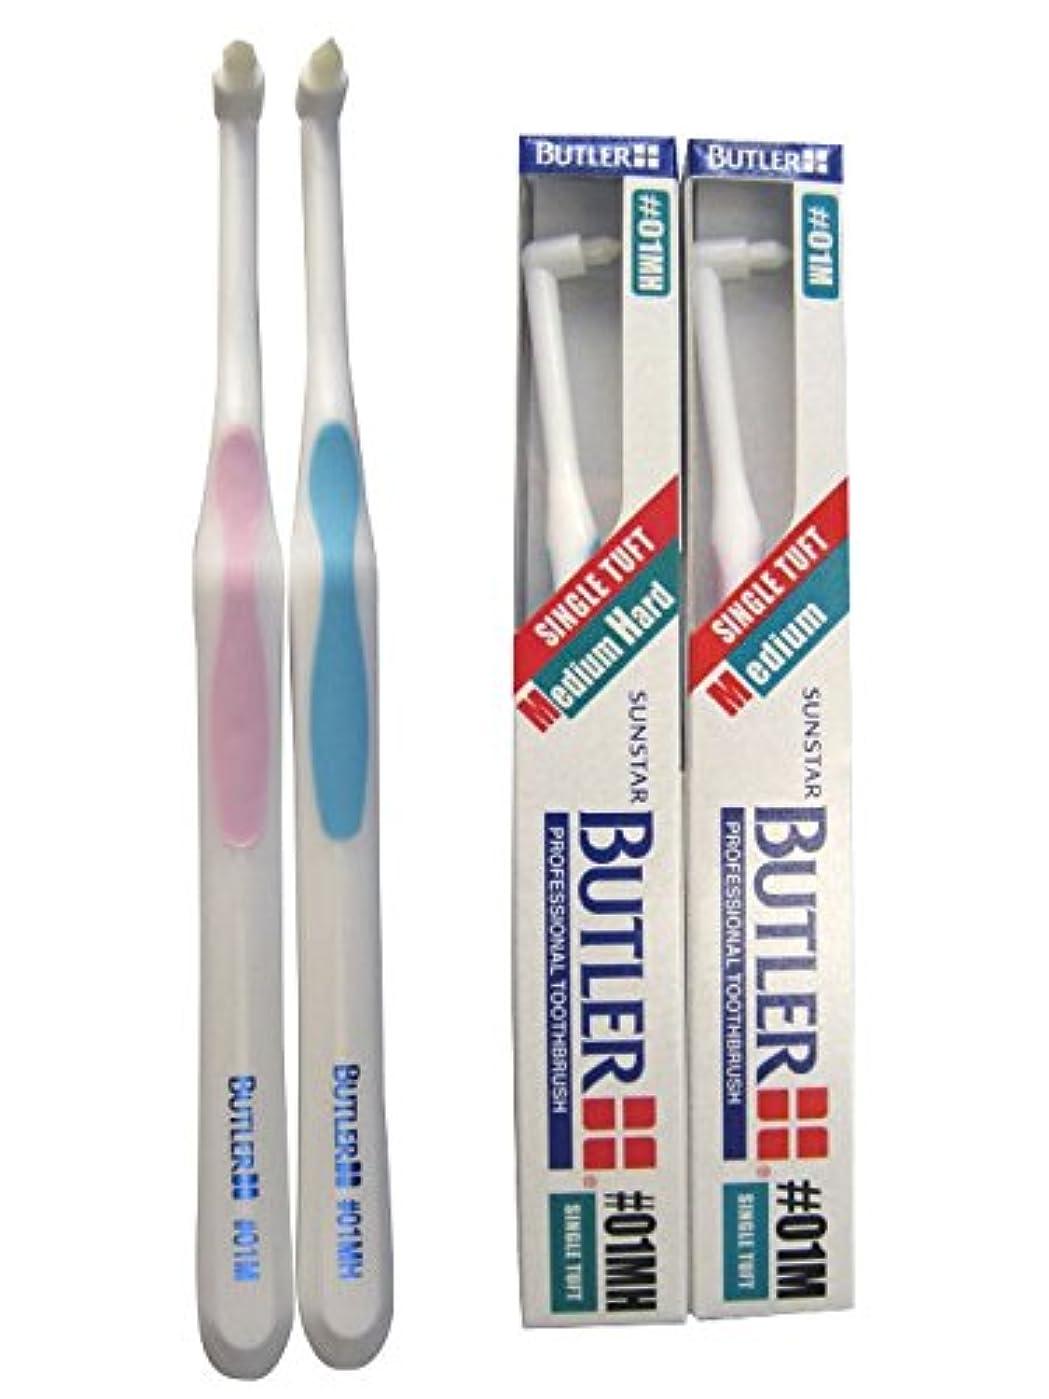 領域ぼんやりした一貫した12本 サンスター バトラー ワンタフト歯ブラシ #01M #01MH (MH(ミディアムハード))